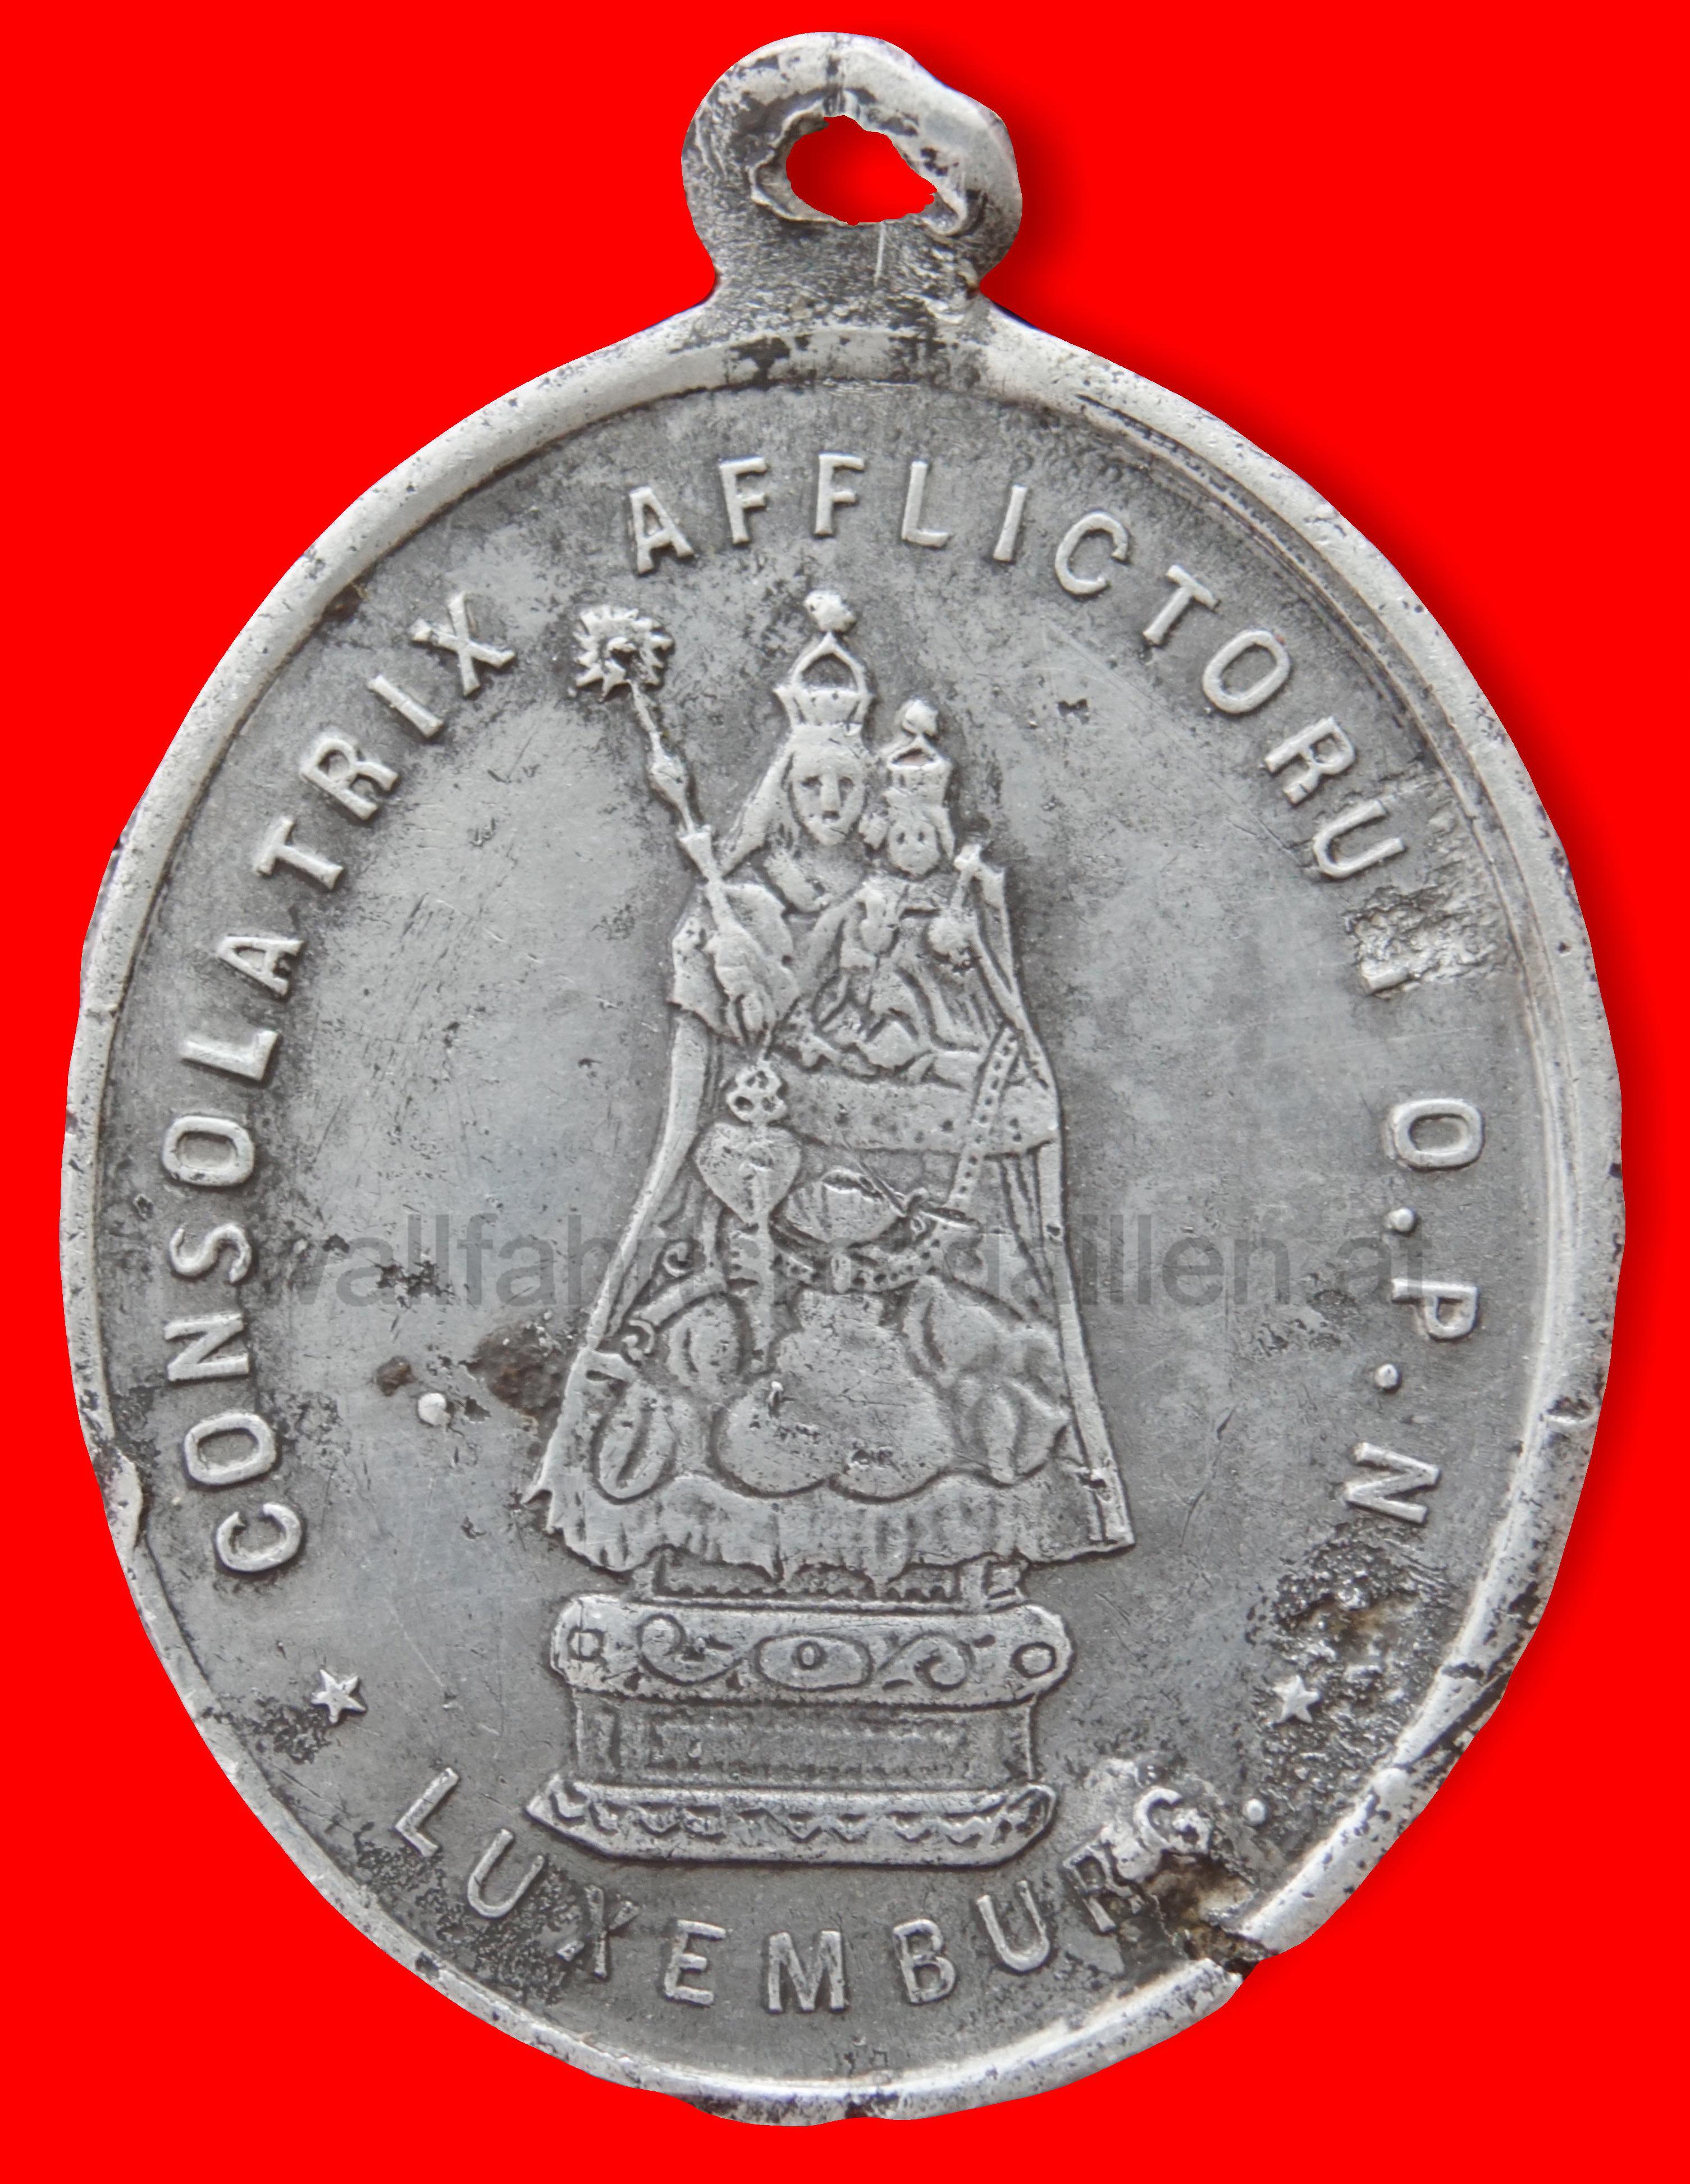 Wallfahrt Kathedrale unserer lieben Frau von Luxemburg